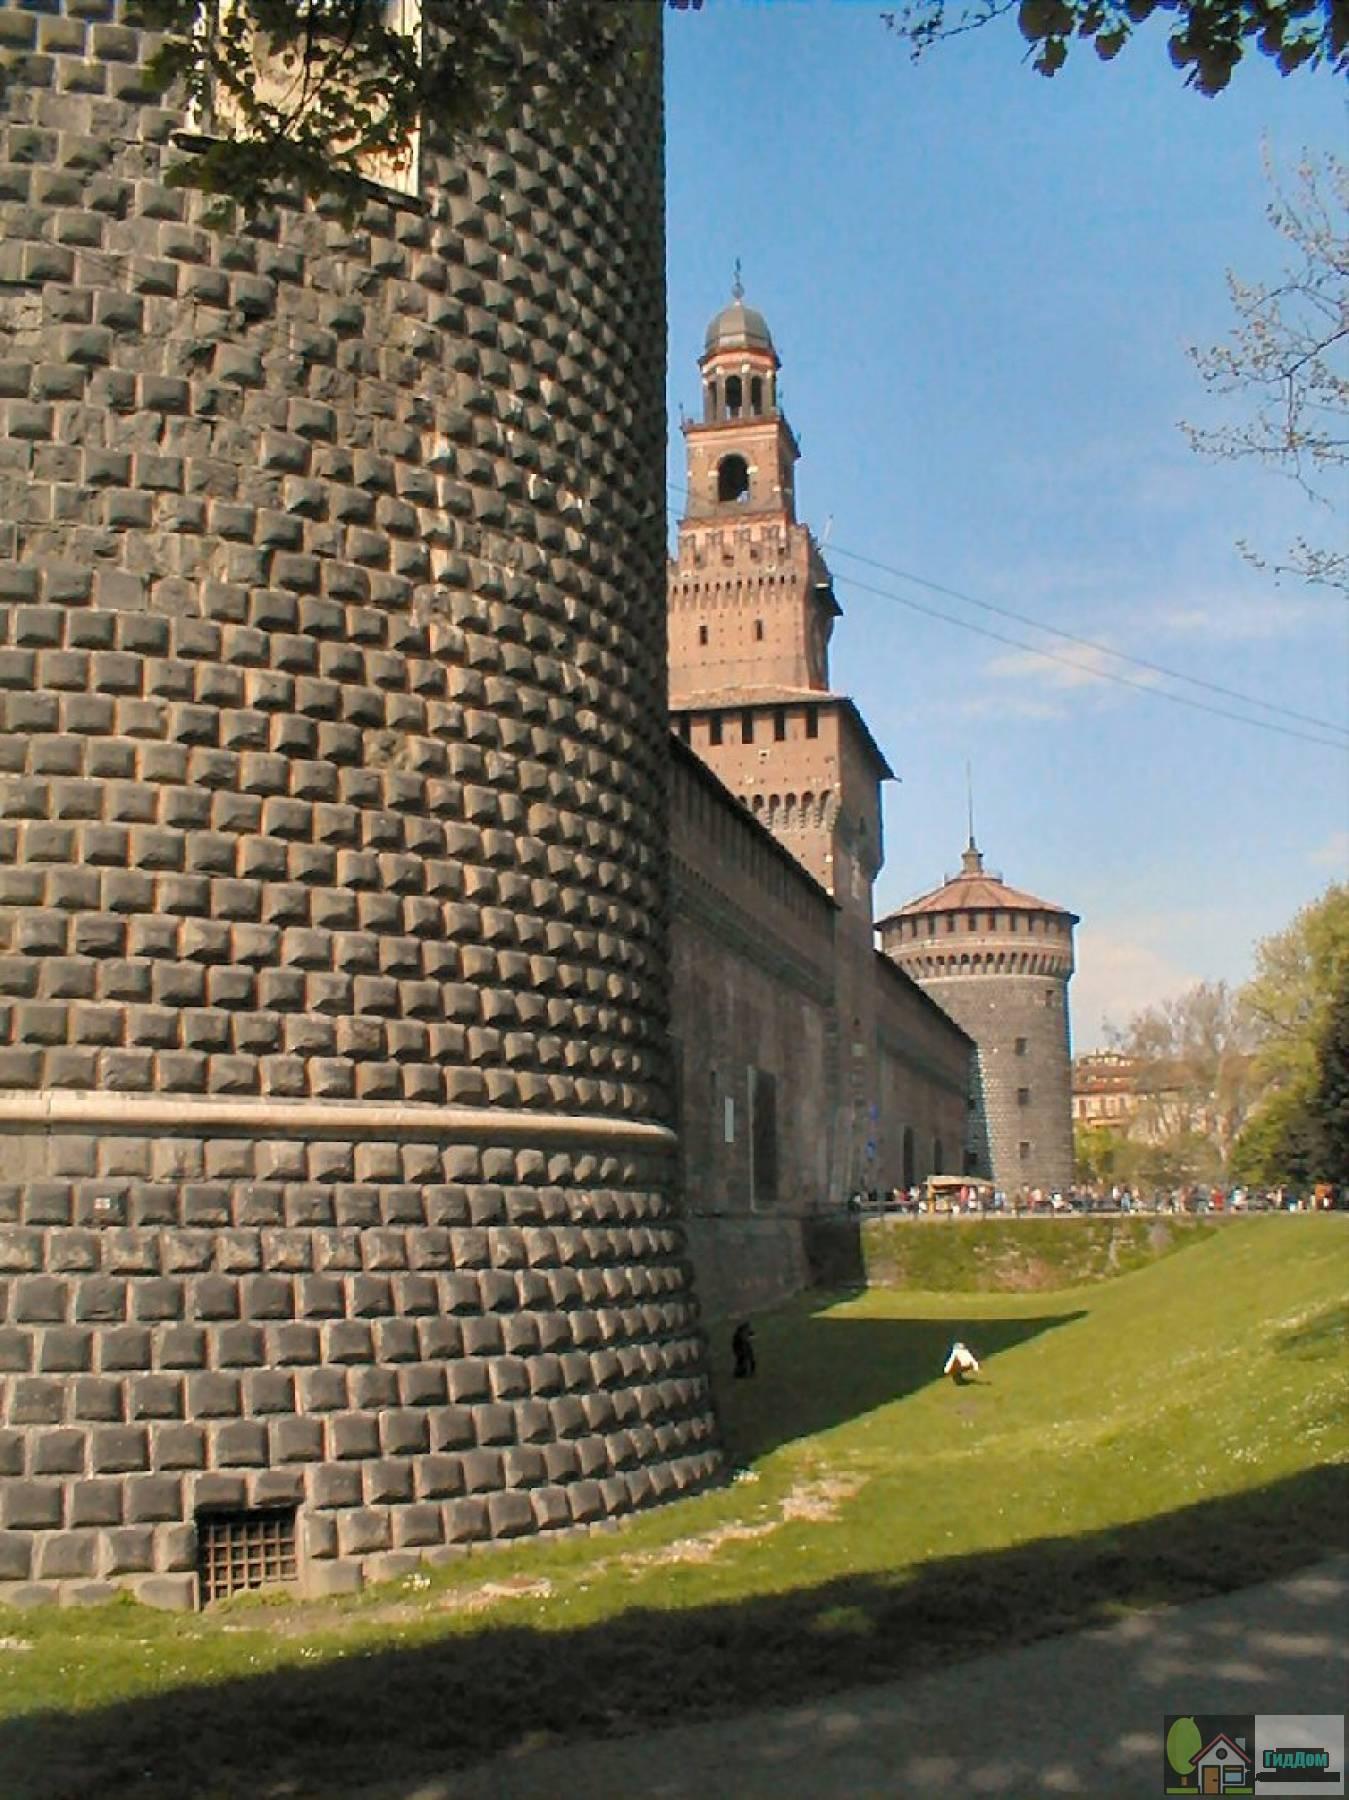 Башни замка Сфорца в Милане. Изображение загружено из открытых источников.